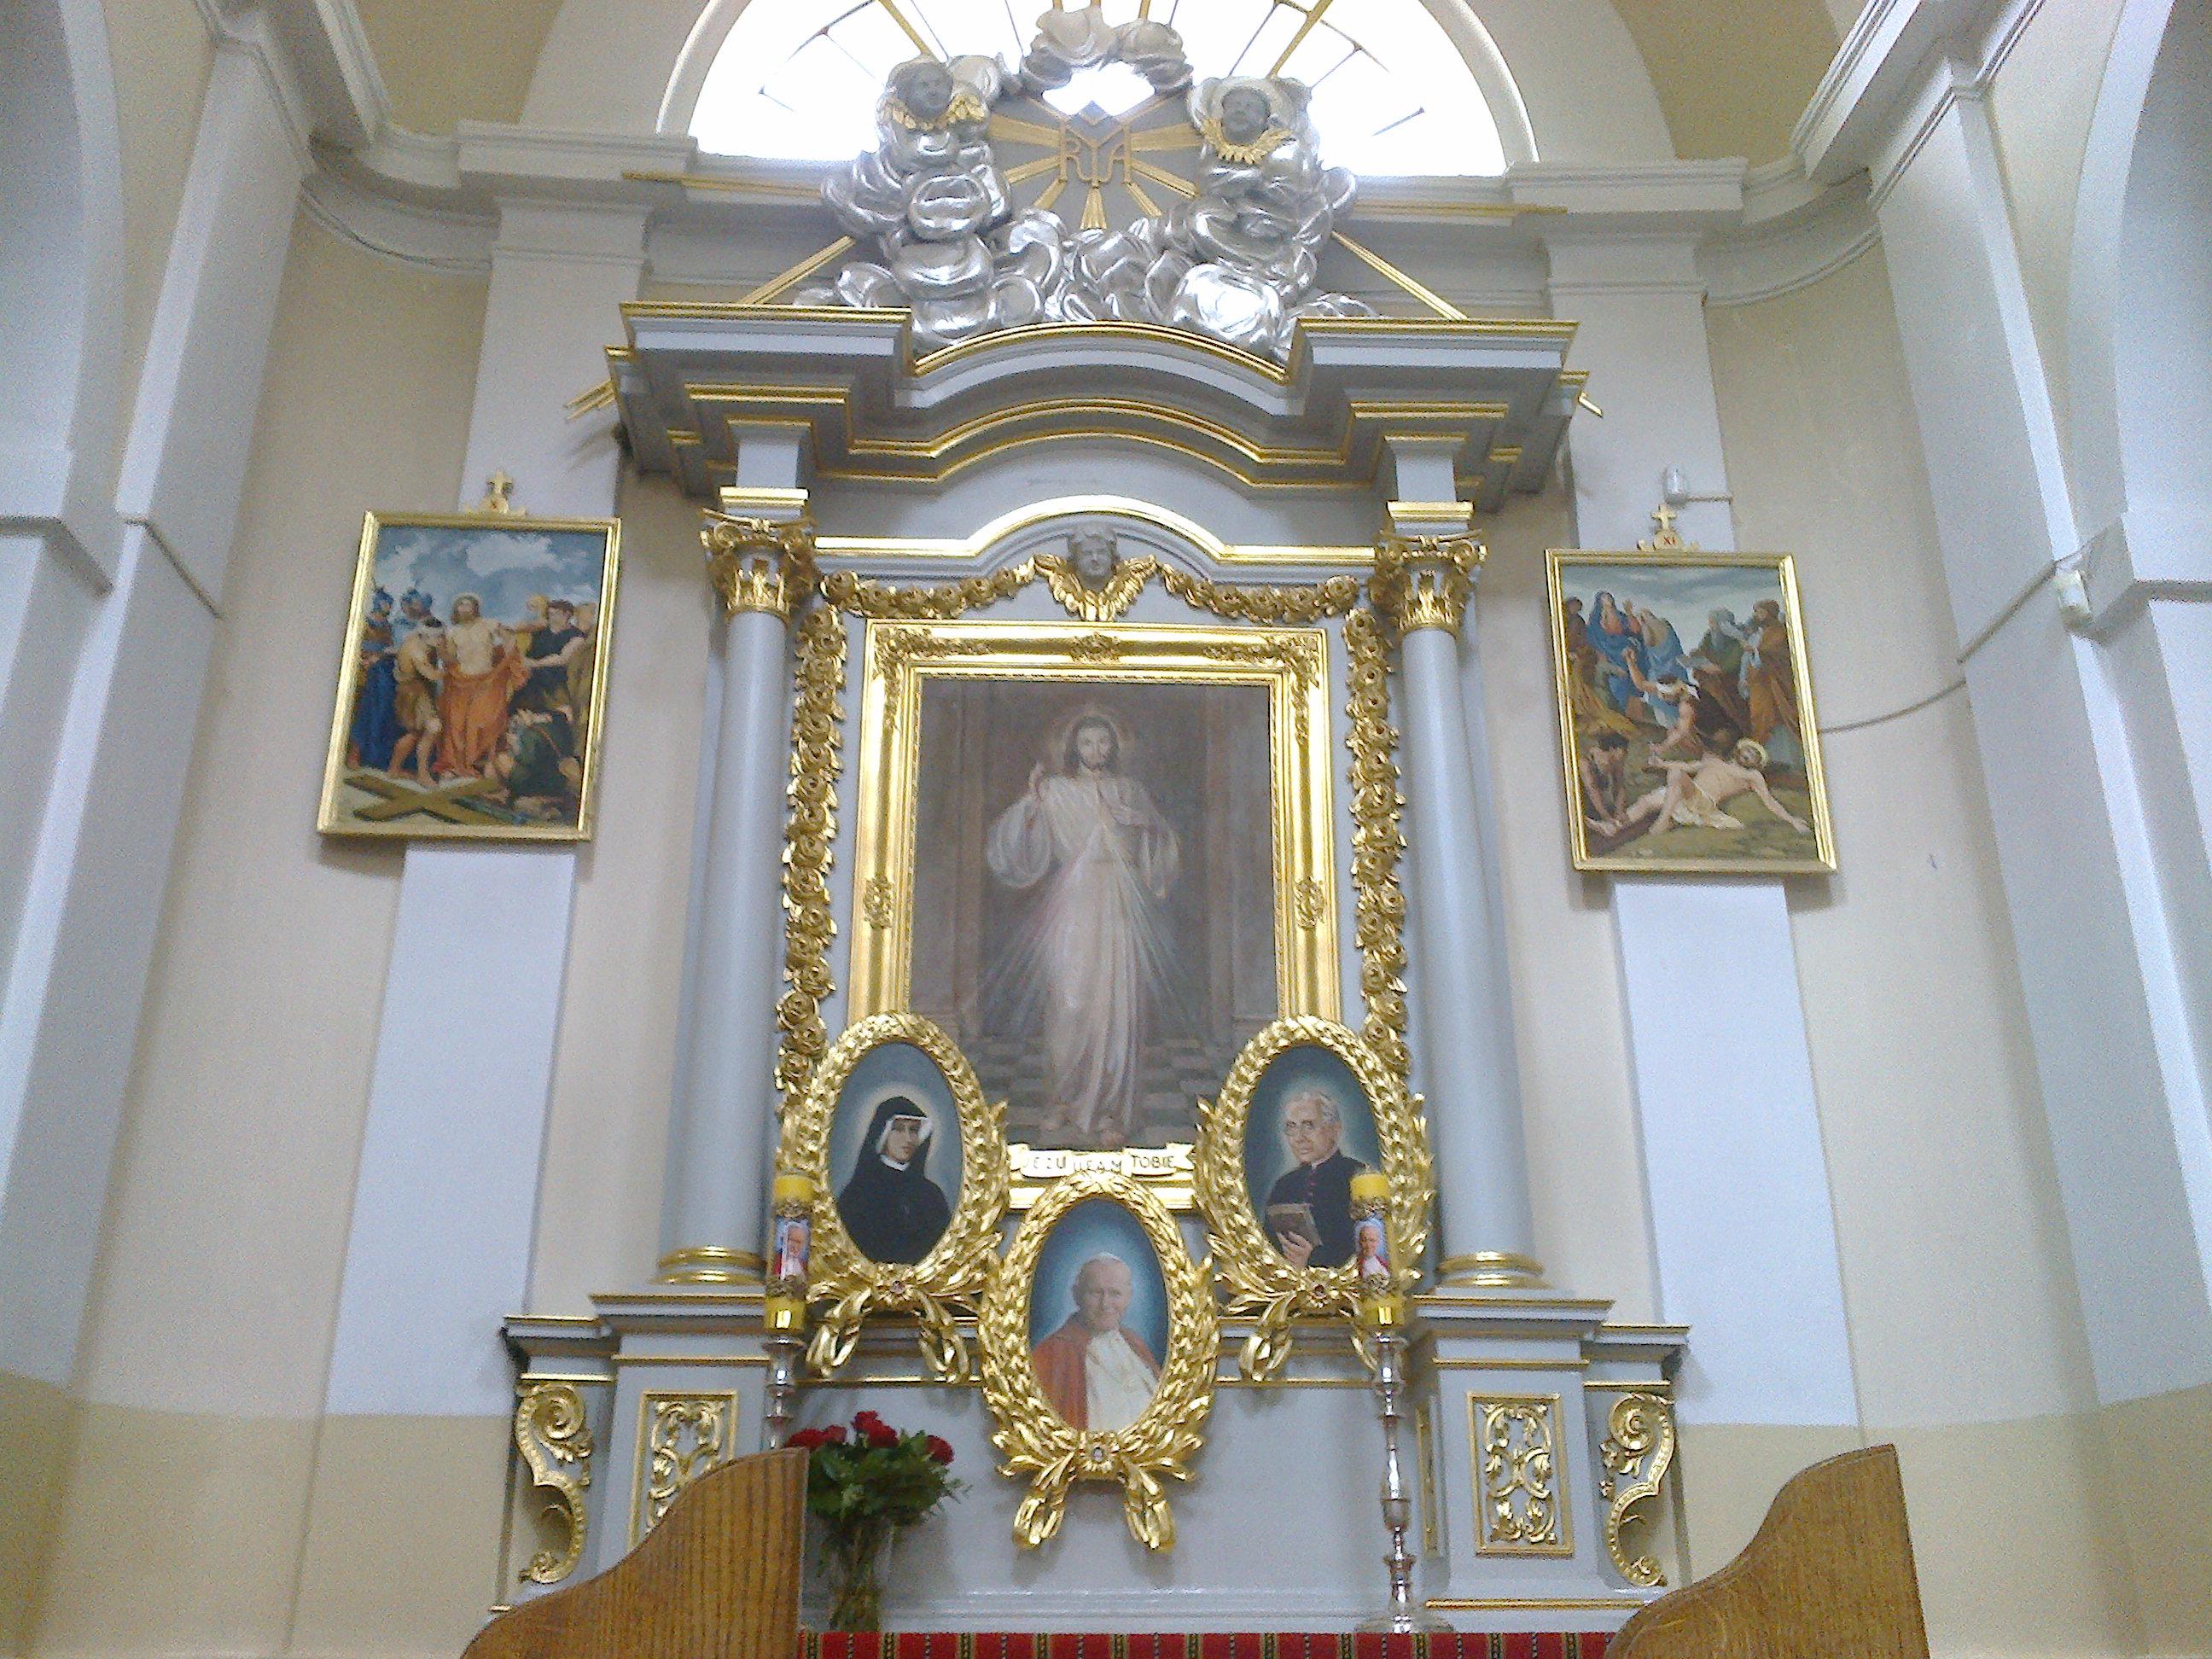 Ołtarz Jezusa Miłosiernego z relikwiami i wizerunkami św. apostołów Bożego Miłosierdzia